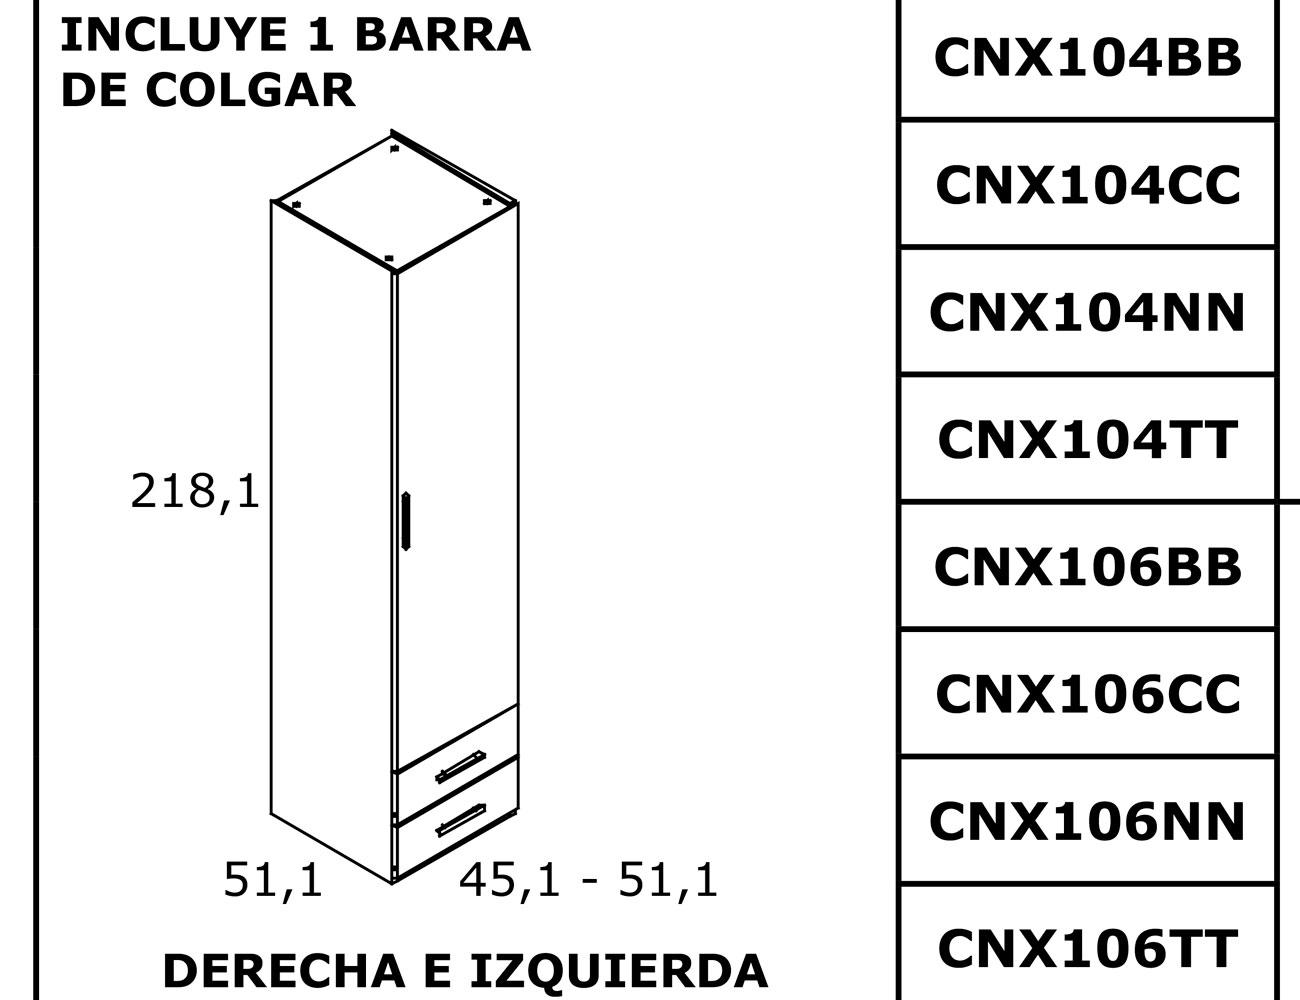 Cnx104